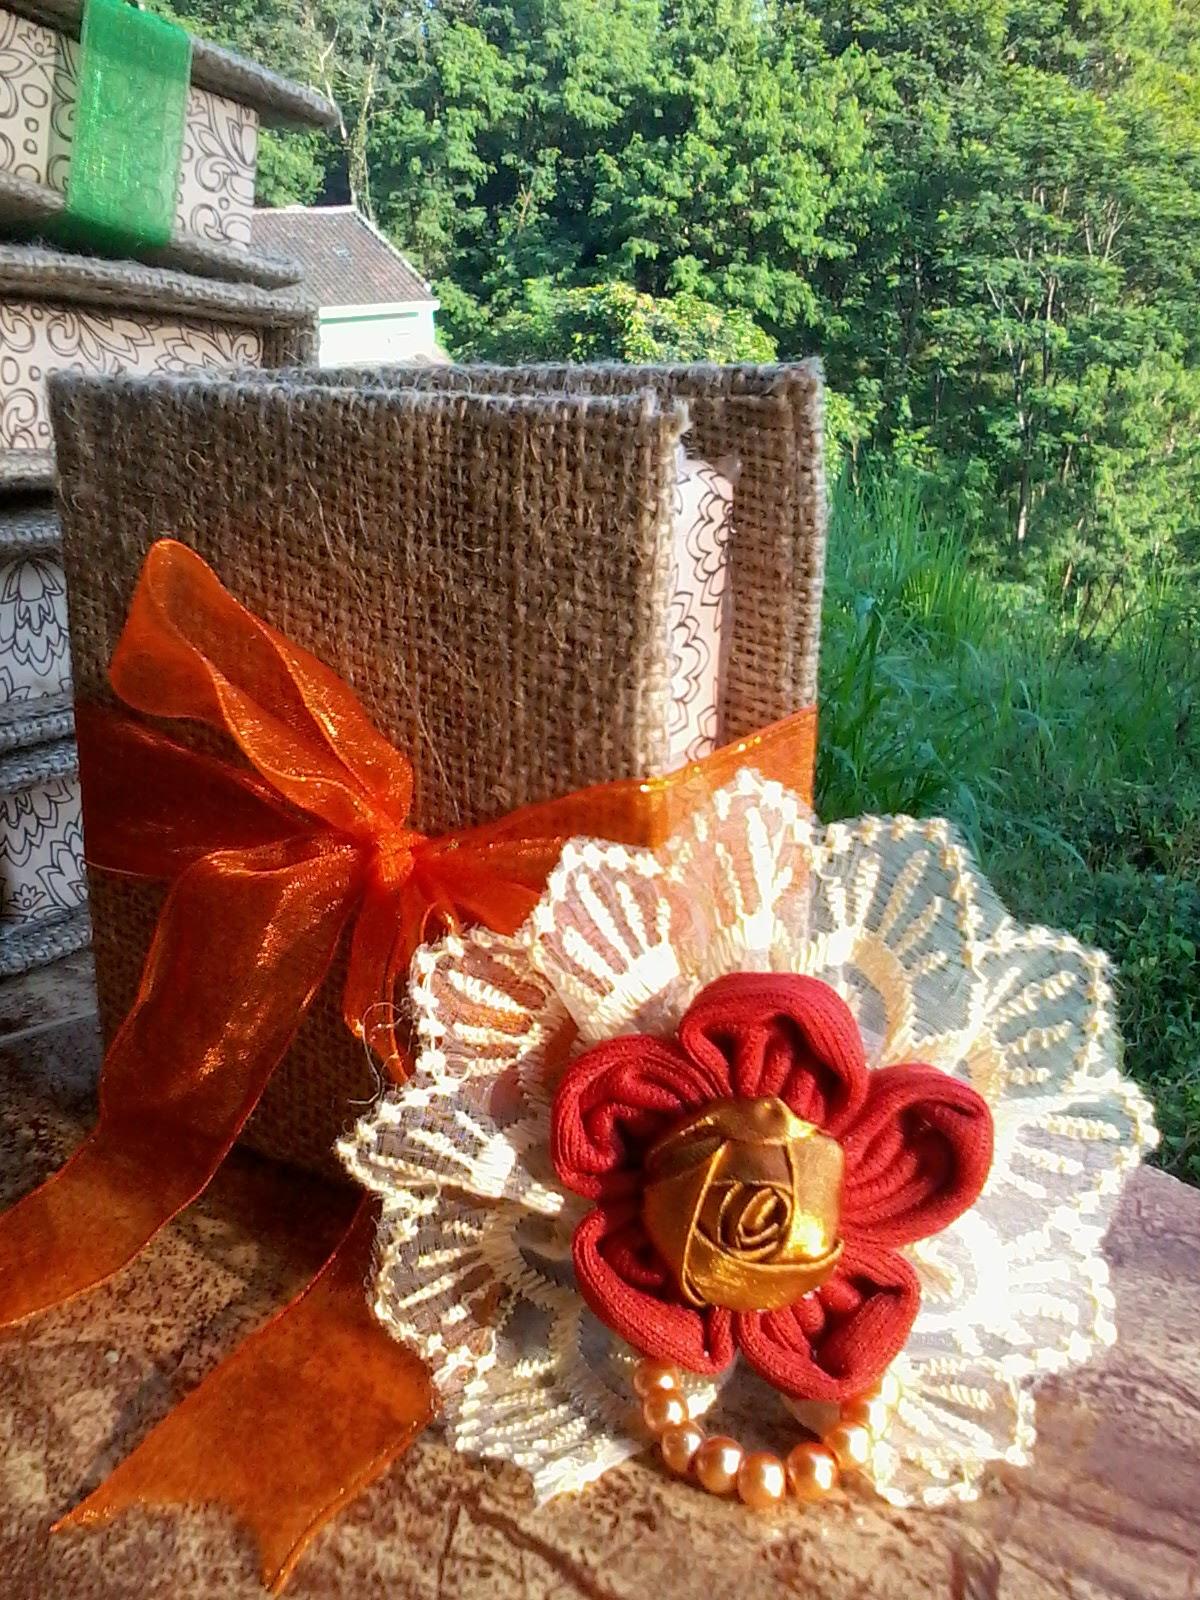 Galdiz Souvenir Pernikahan Cantik Dan Murah Bros Bunga Ter Harga Juga Looo Hanya Seharga Rp 15000 Sudah Mendapatkan 1 Kemasan Boxnya Yg Terbuat Dari Karung Goni Warna Bisa